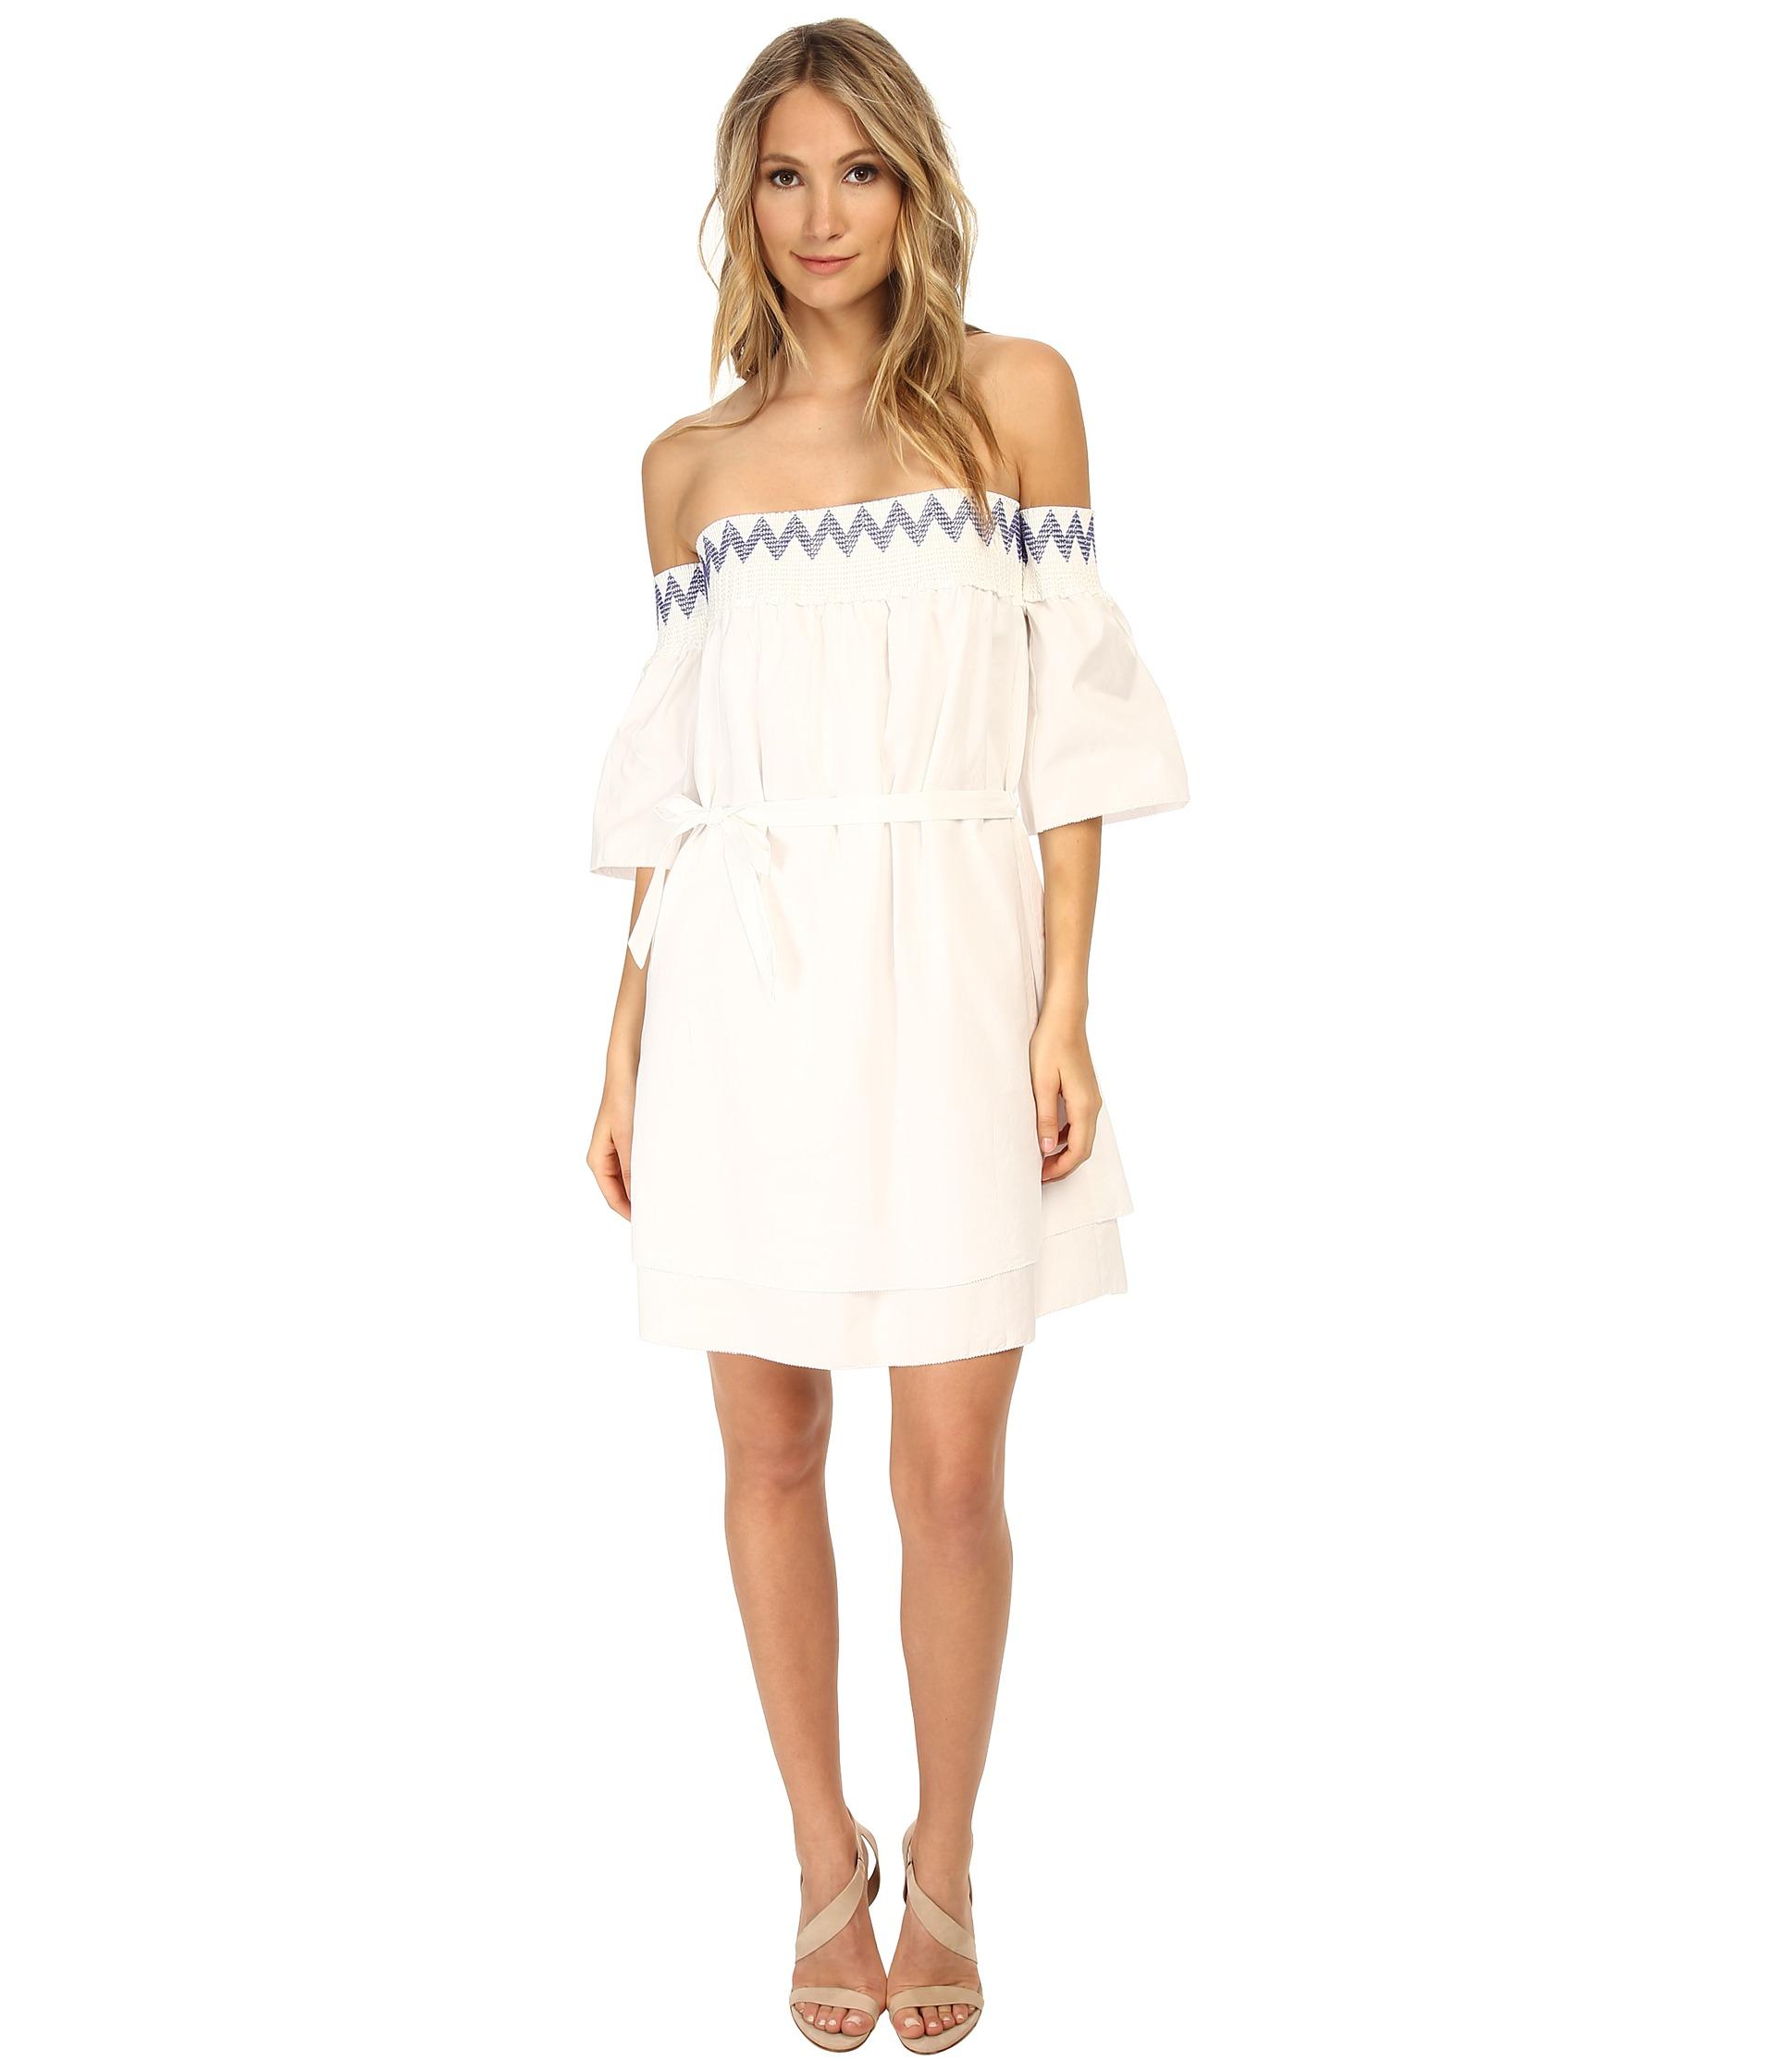 Cleo S Clothing: Rebecca Minkoff Cleo Dress In White